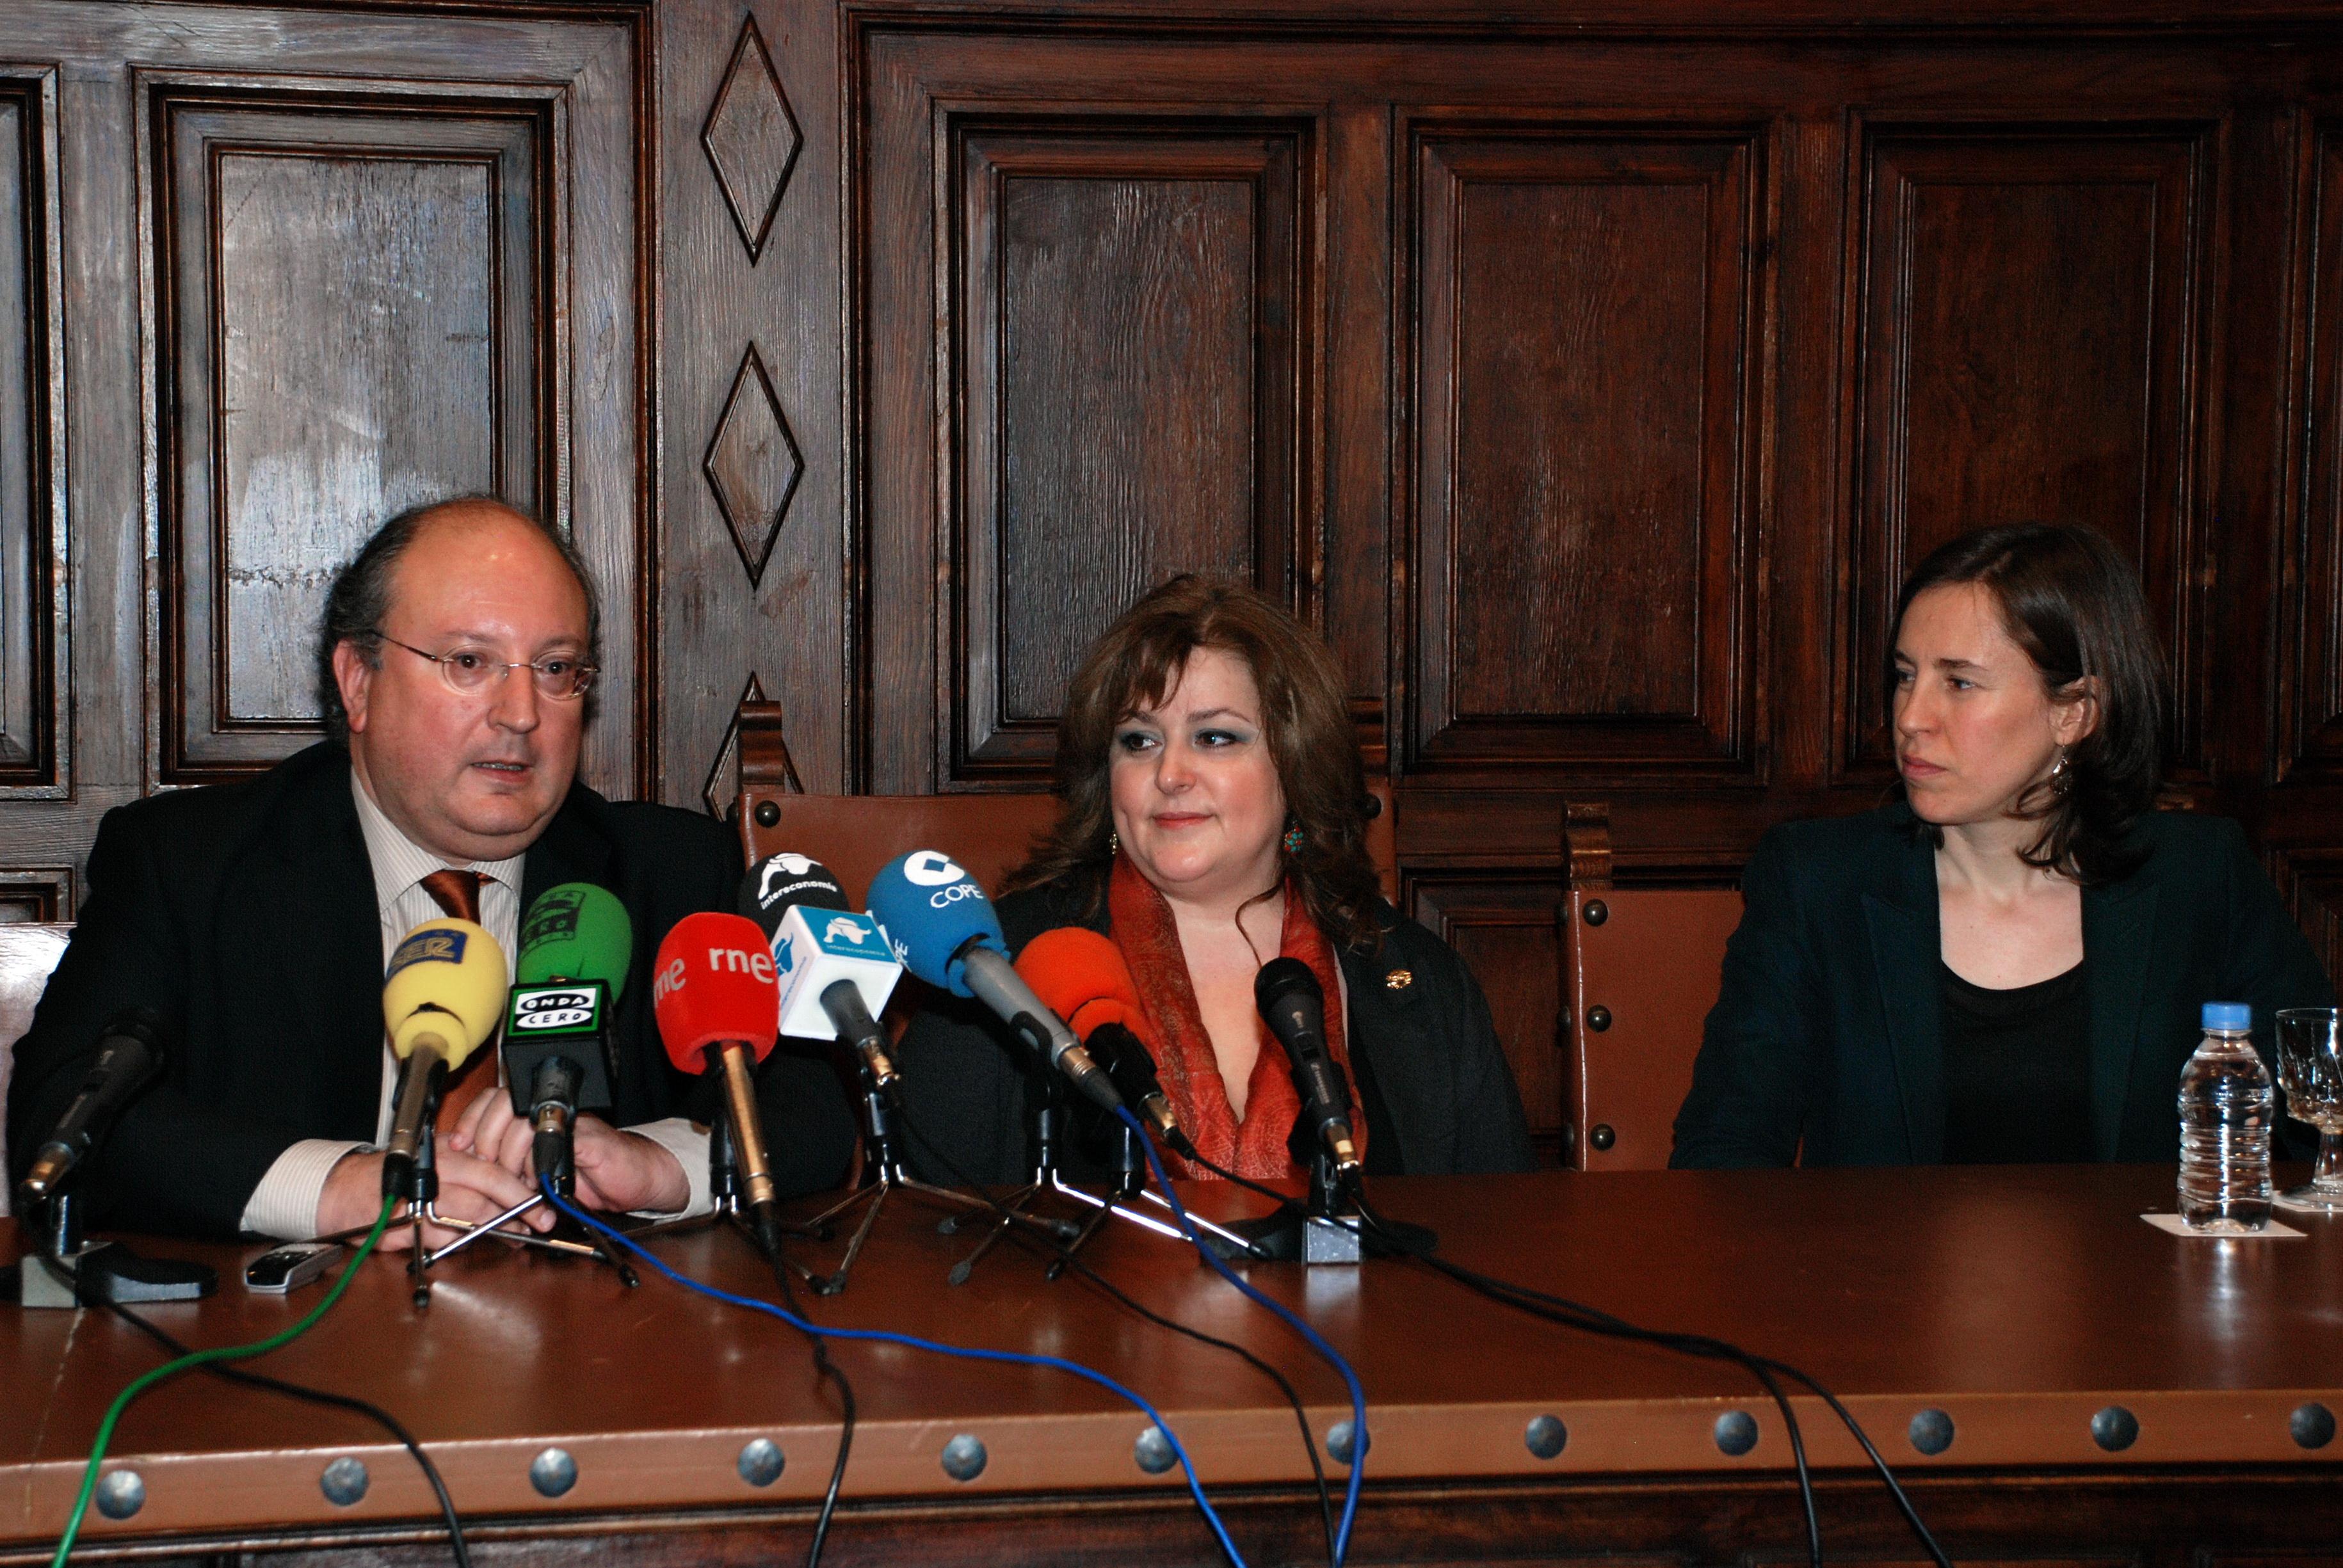 La presidenta del Consejo General del Trabajo Social analiza los efectos de la reforma de la Administración Local sobre los servicios sociales municipales